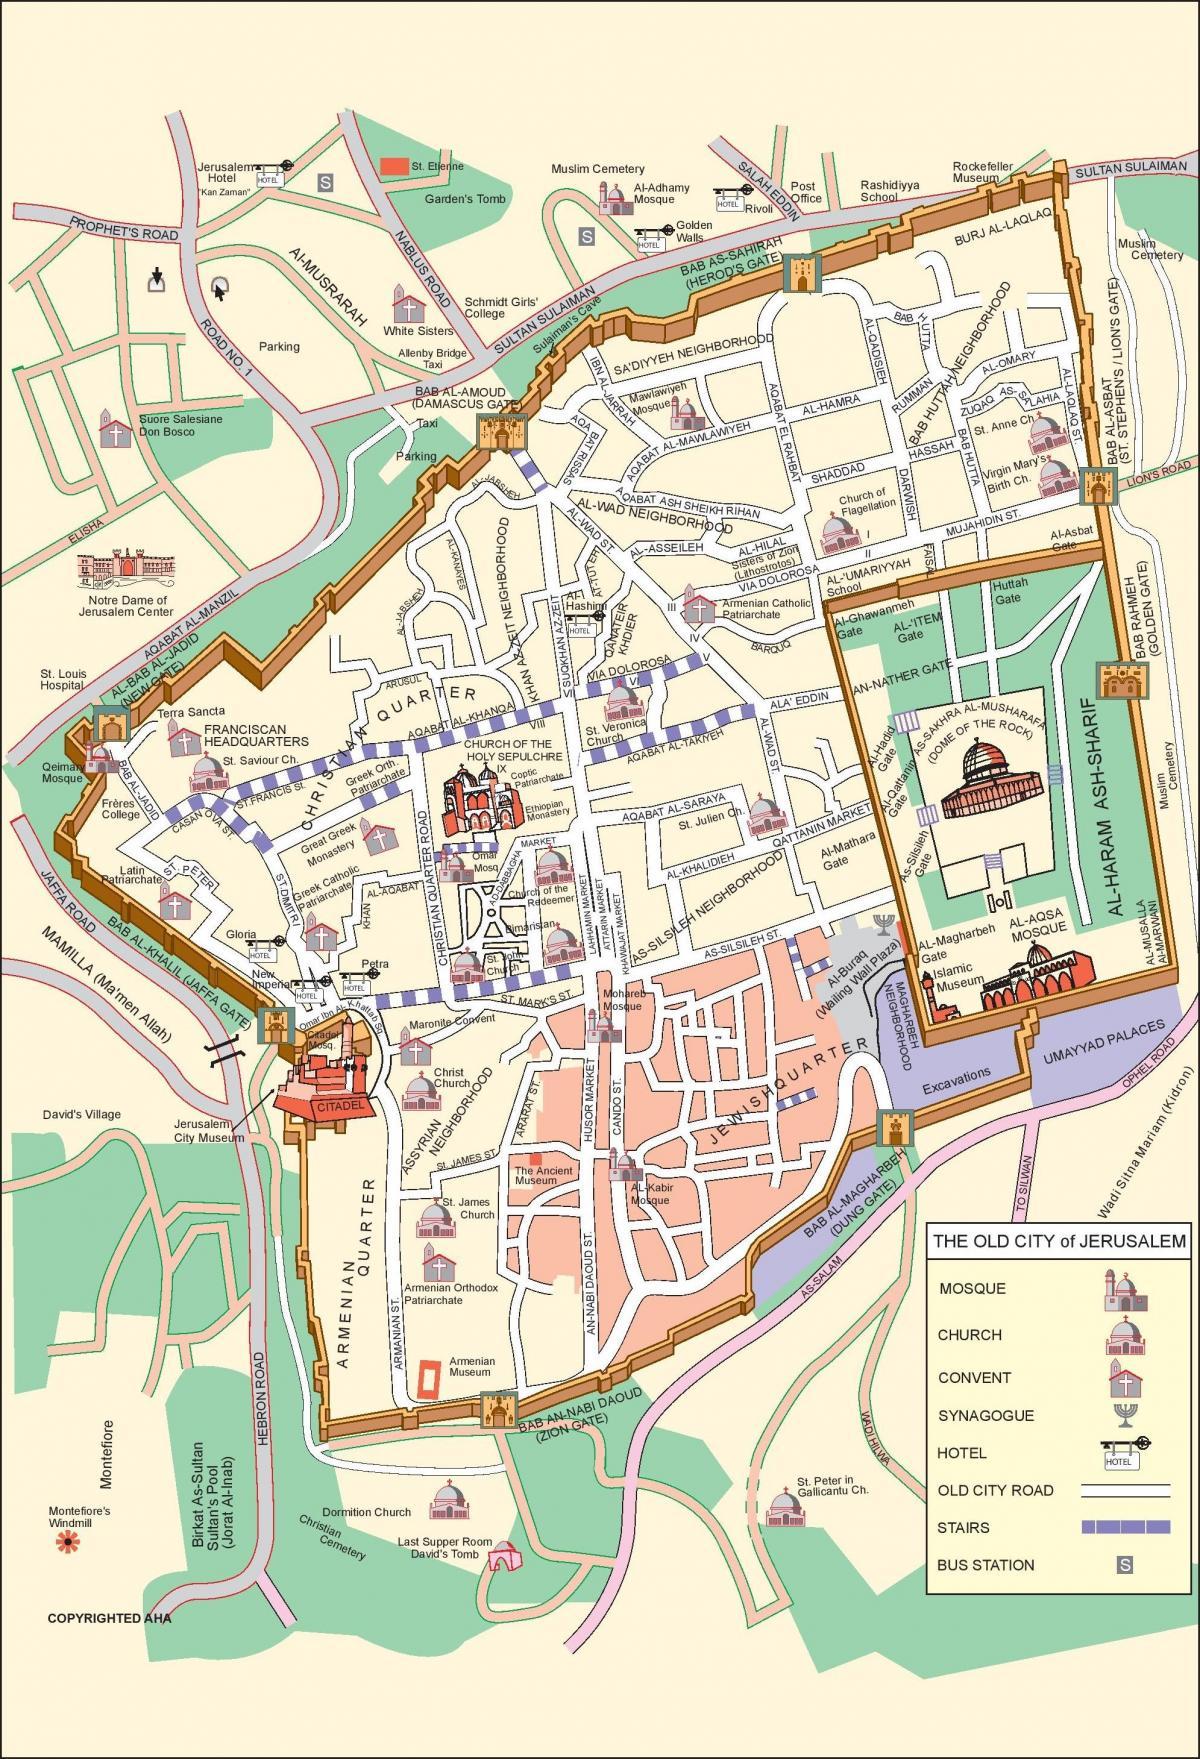 g térkép A régi város, Jeruzsálem térkép   Térkép a régi város, Jeruzsálem  g térkép